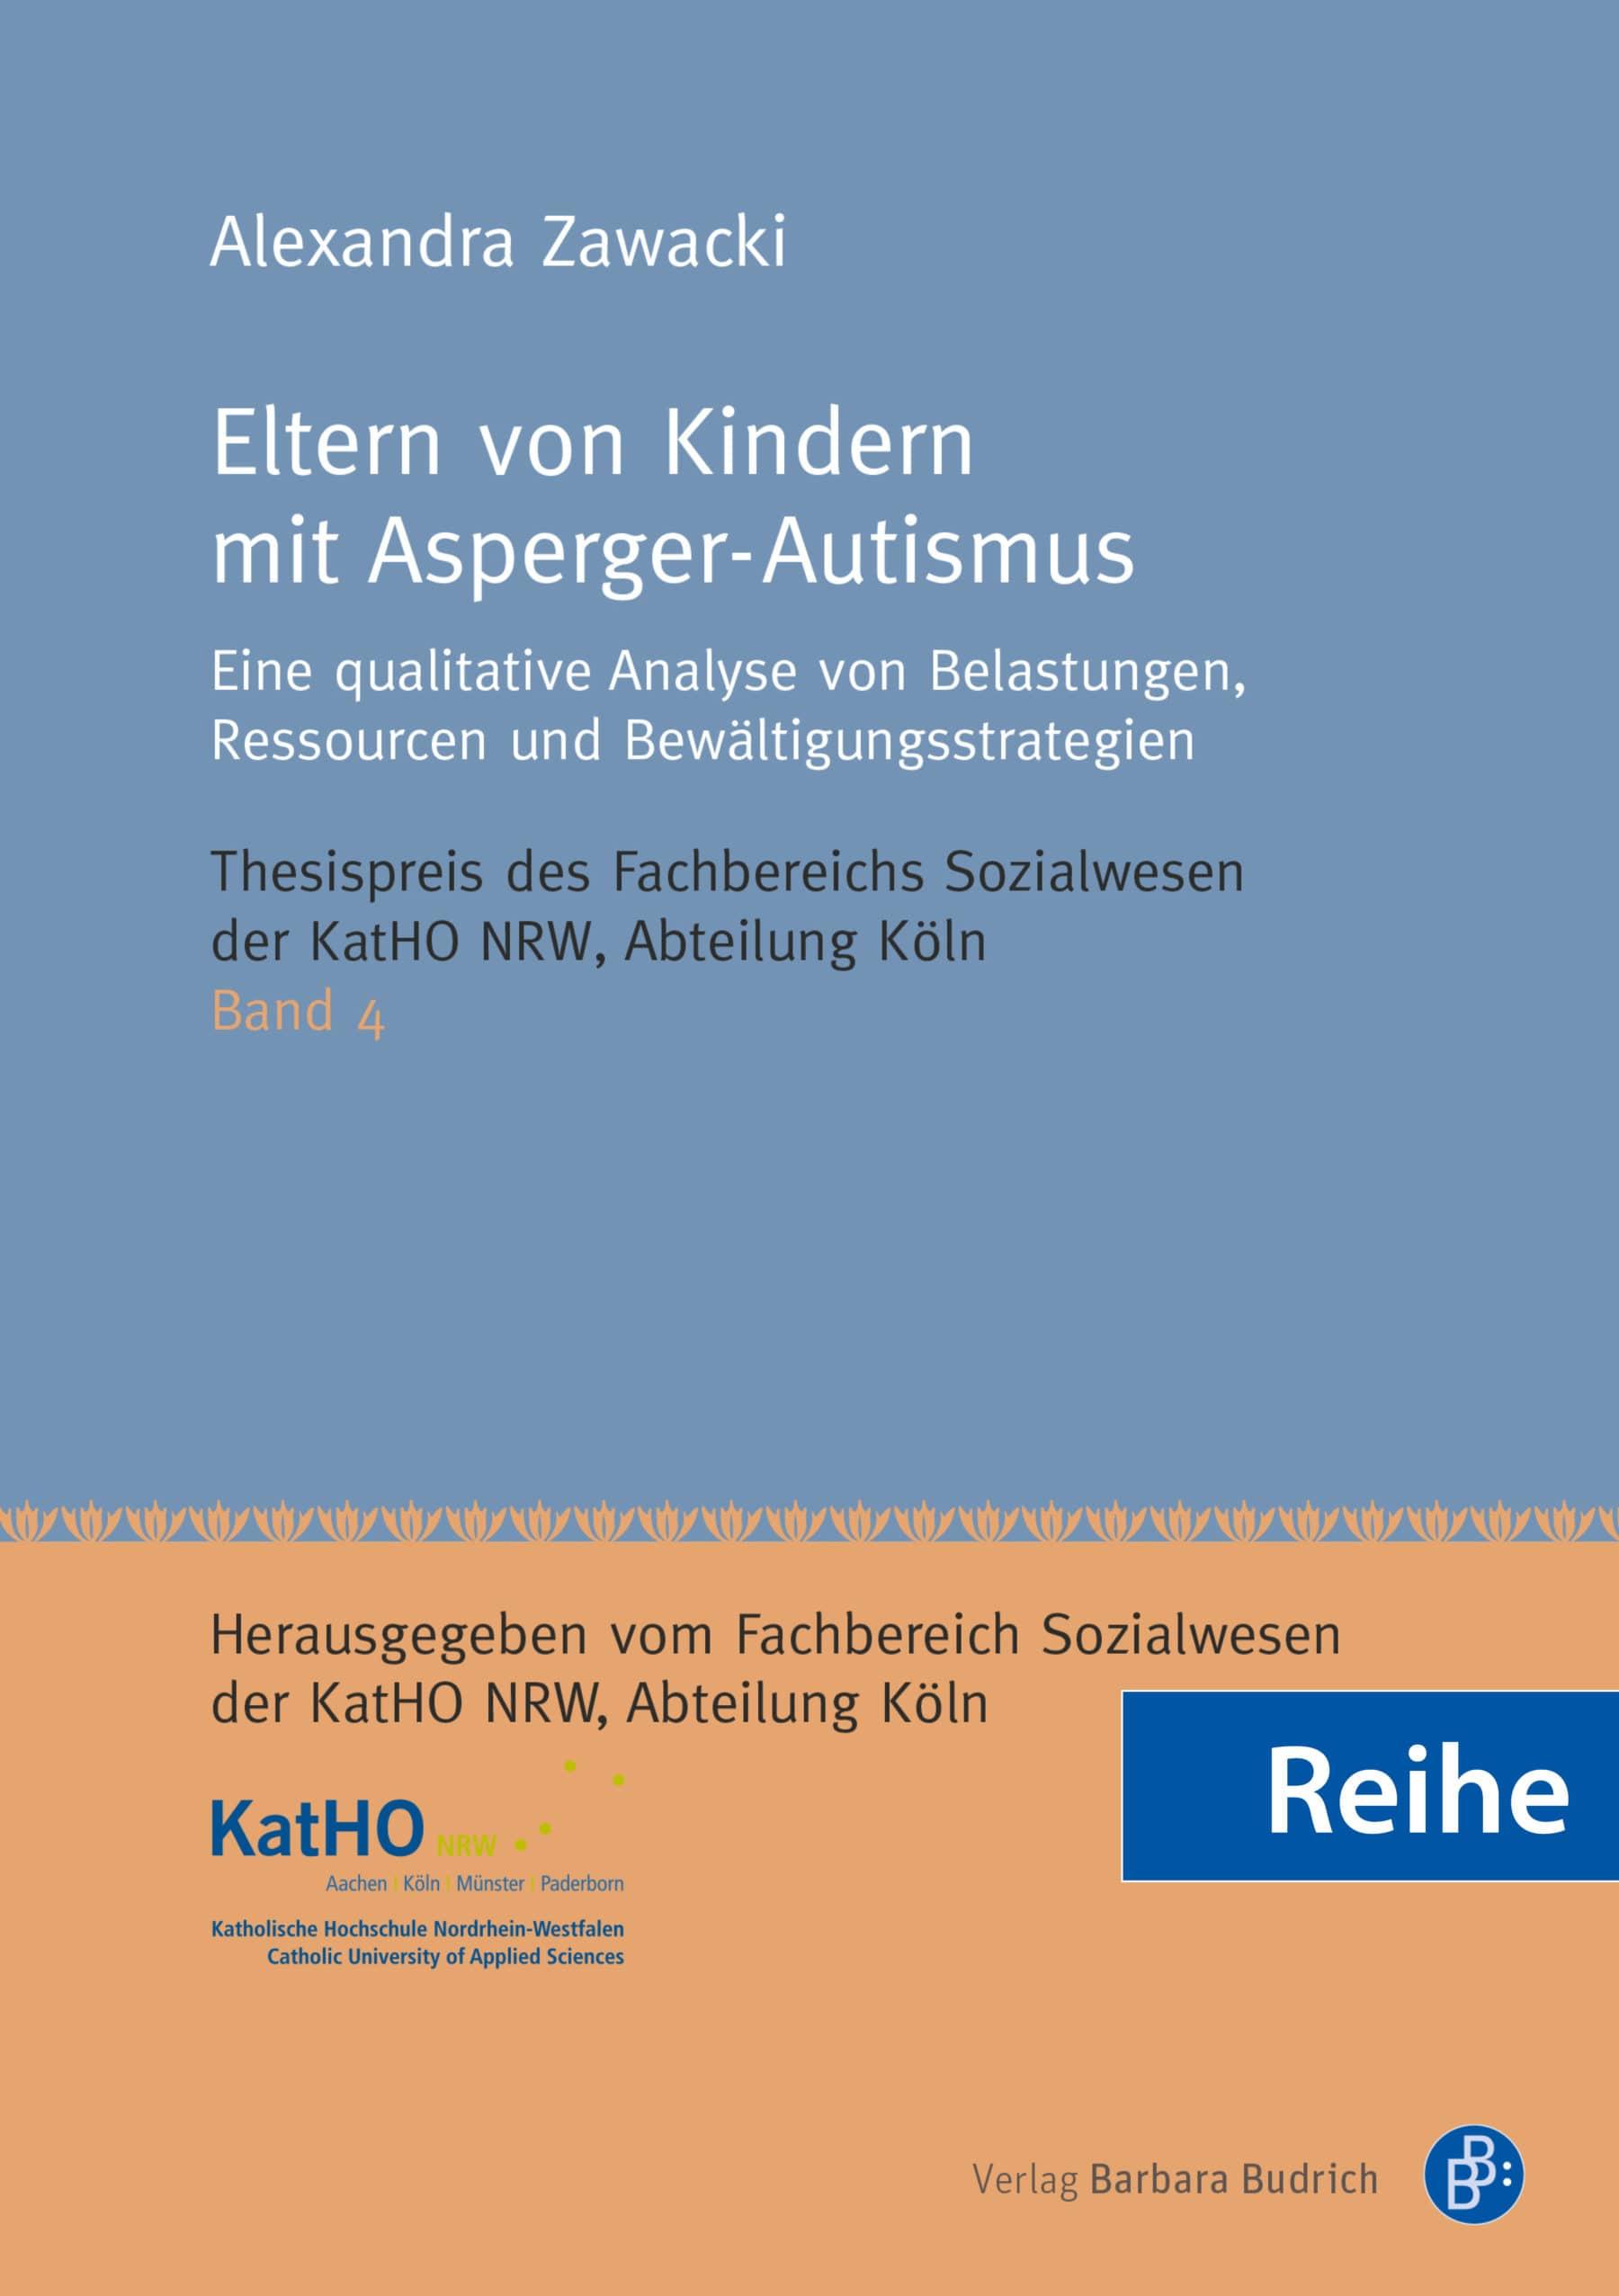 Reihe – Thesispreis des Fachbereichs Sozialwesen der KatHO NRW, Abteilung Köln